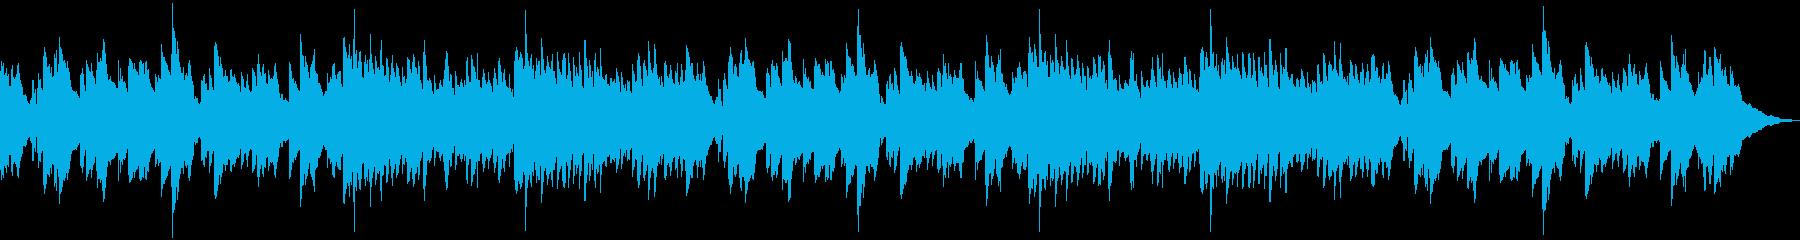 切ない別れシーン用ピアノバラードの再生済みの波形